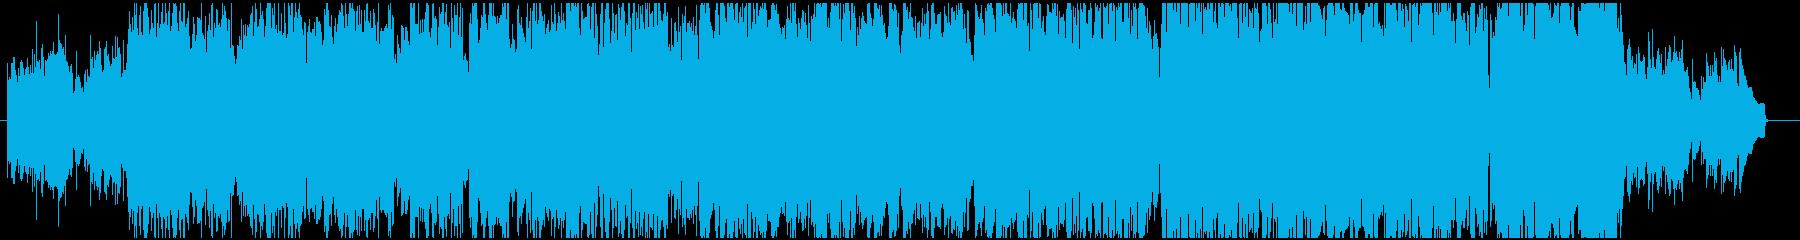 フォークギターのフィンガーピッキング曲の再生済みの波形